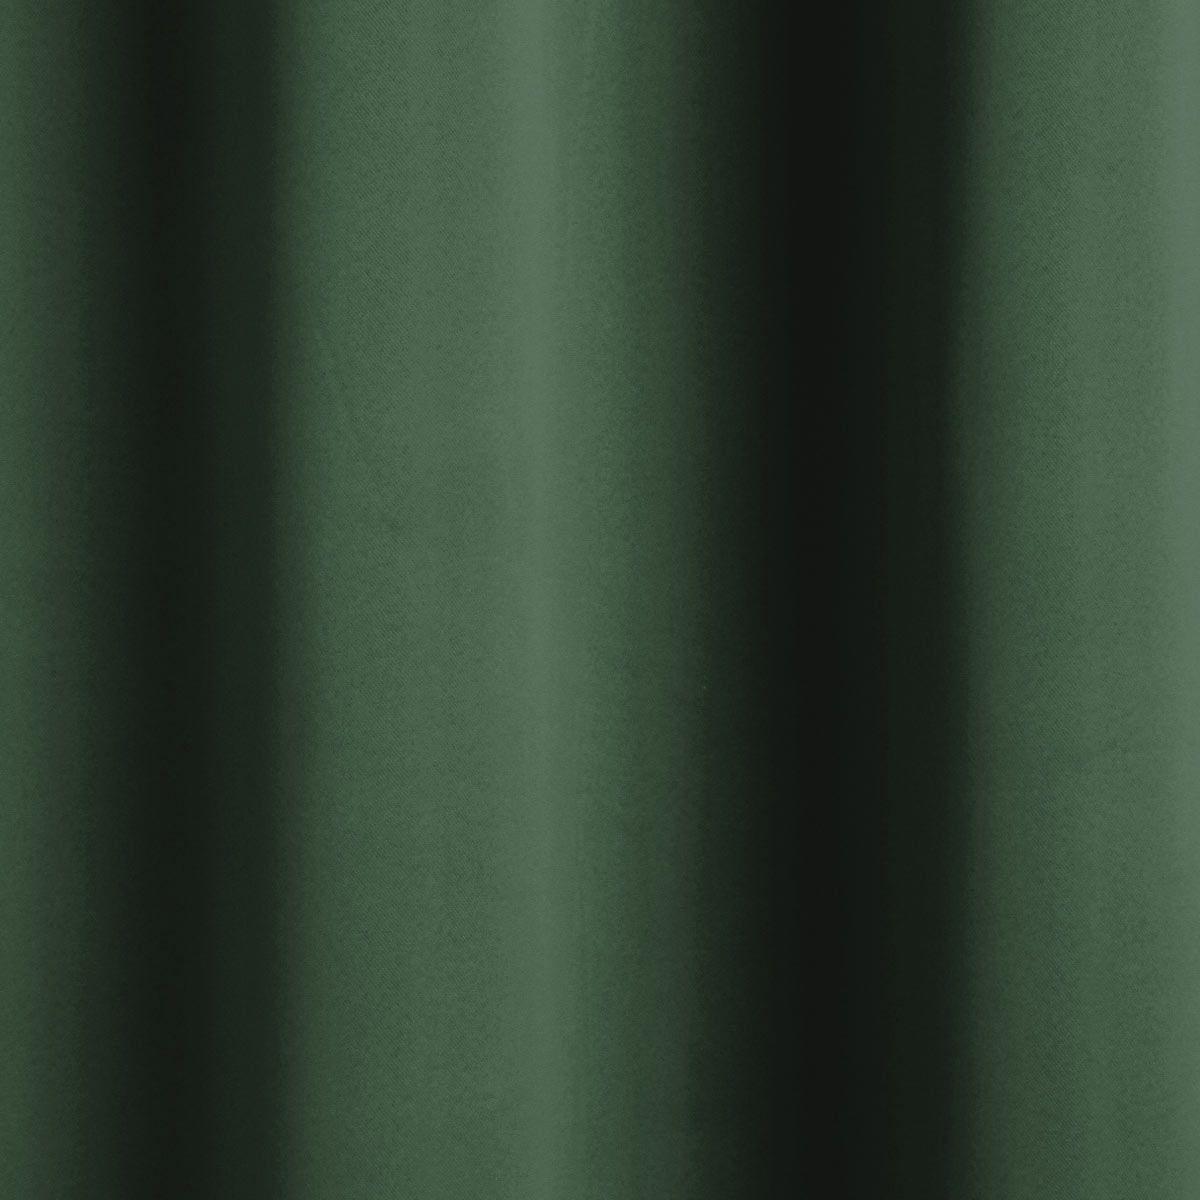 Rideau Occultant Vert Sapin Toledad 140X260 Cm   Kalico pour Rideau Enfant Vert